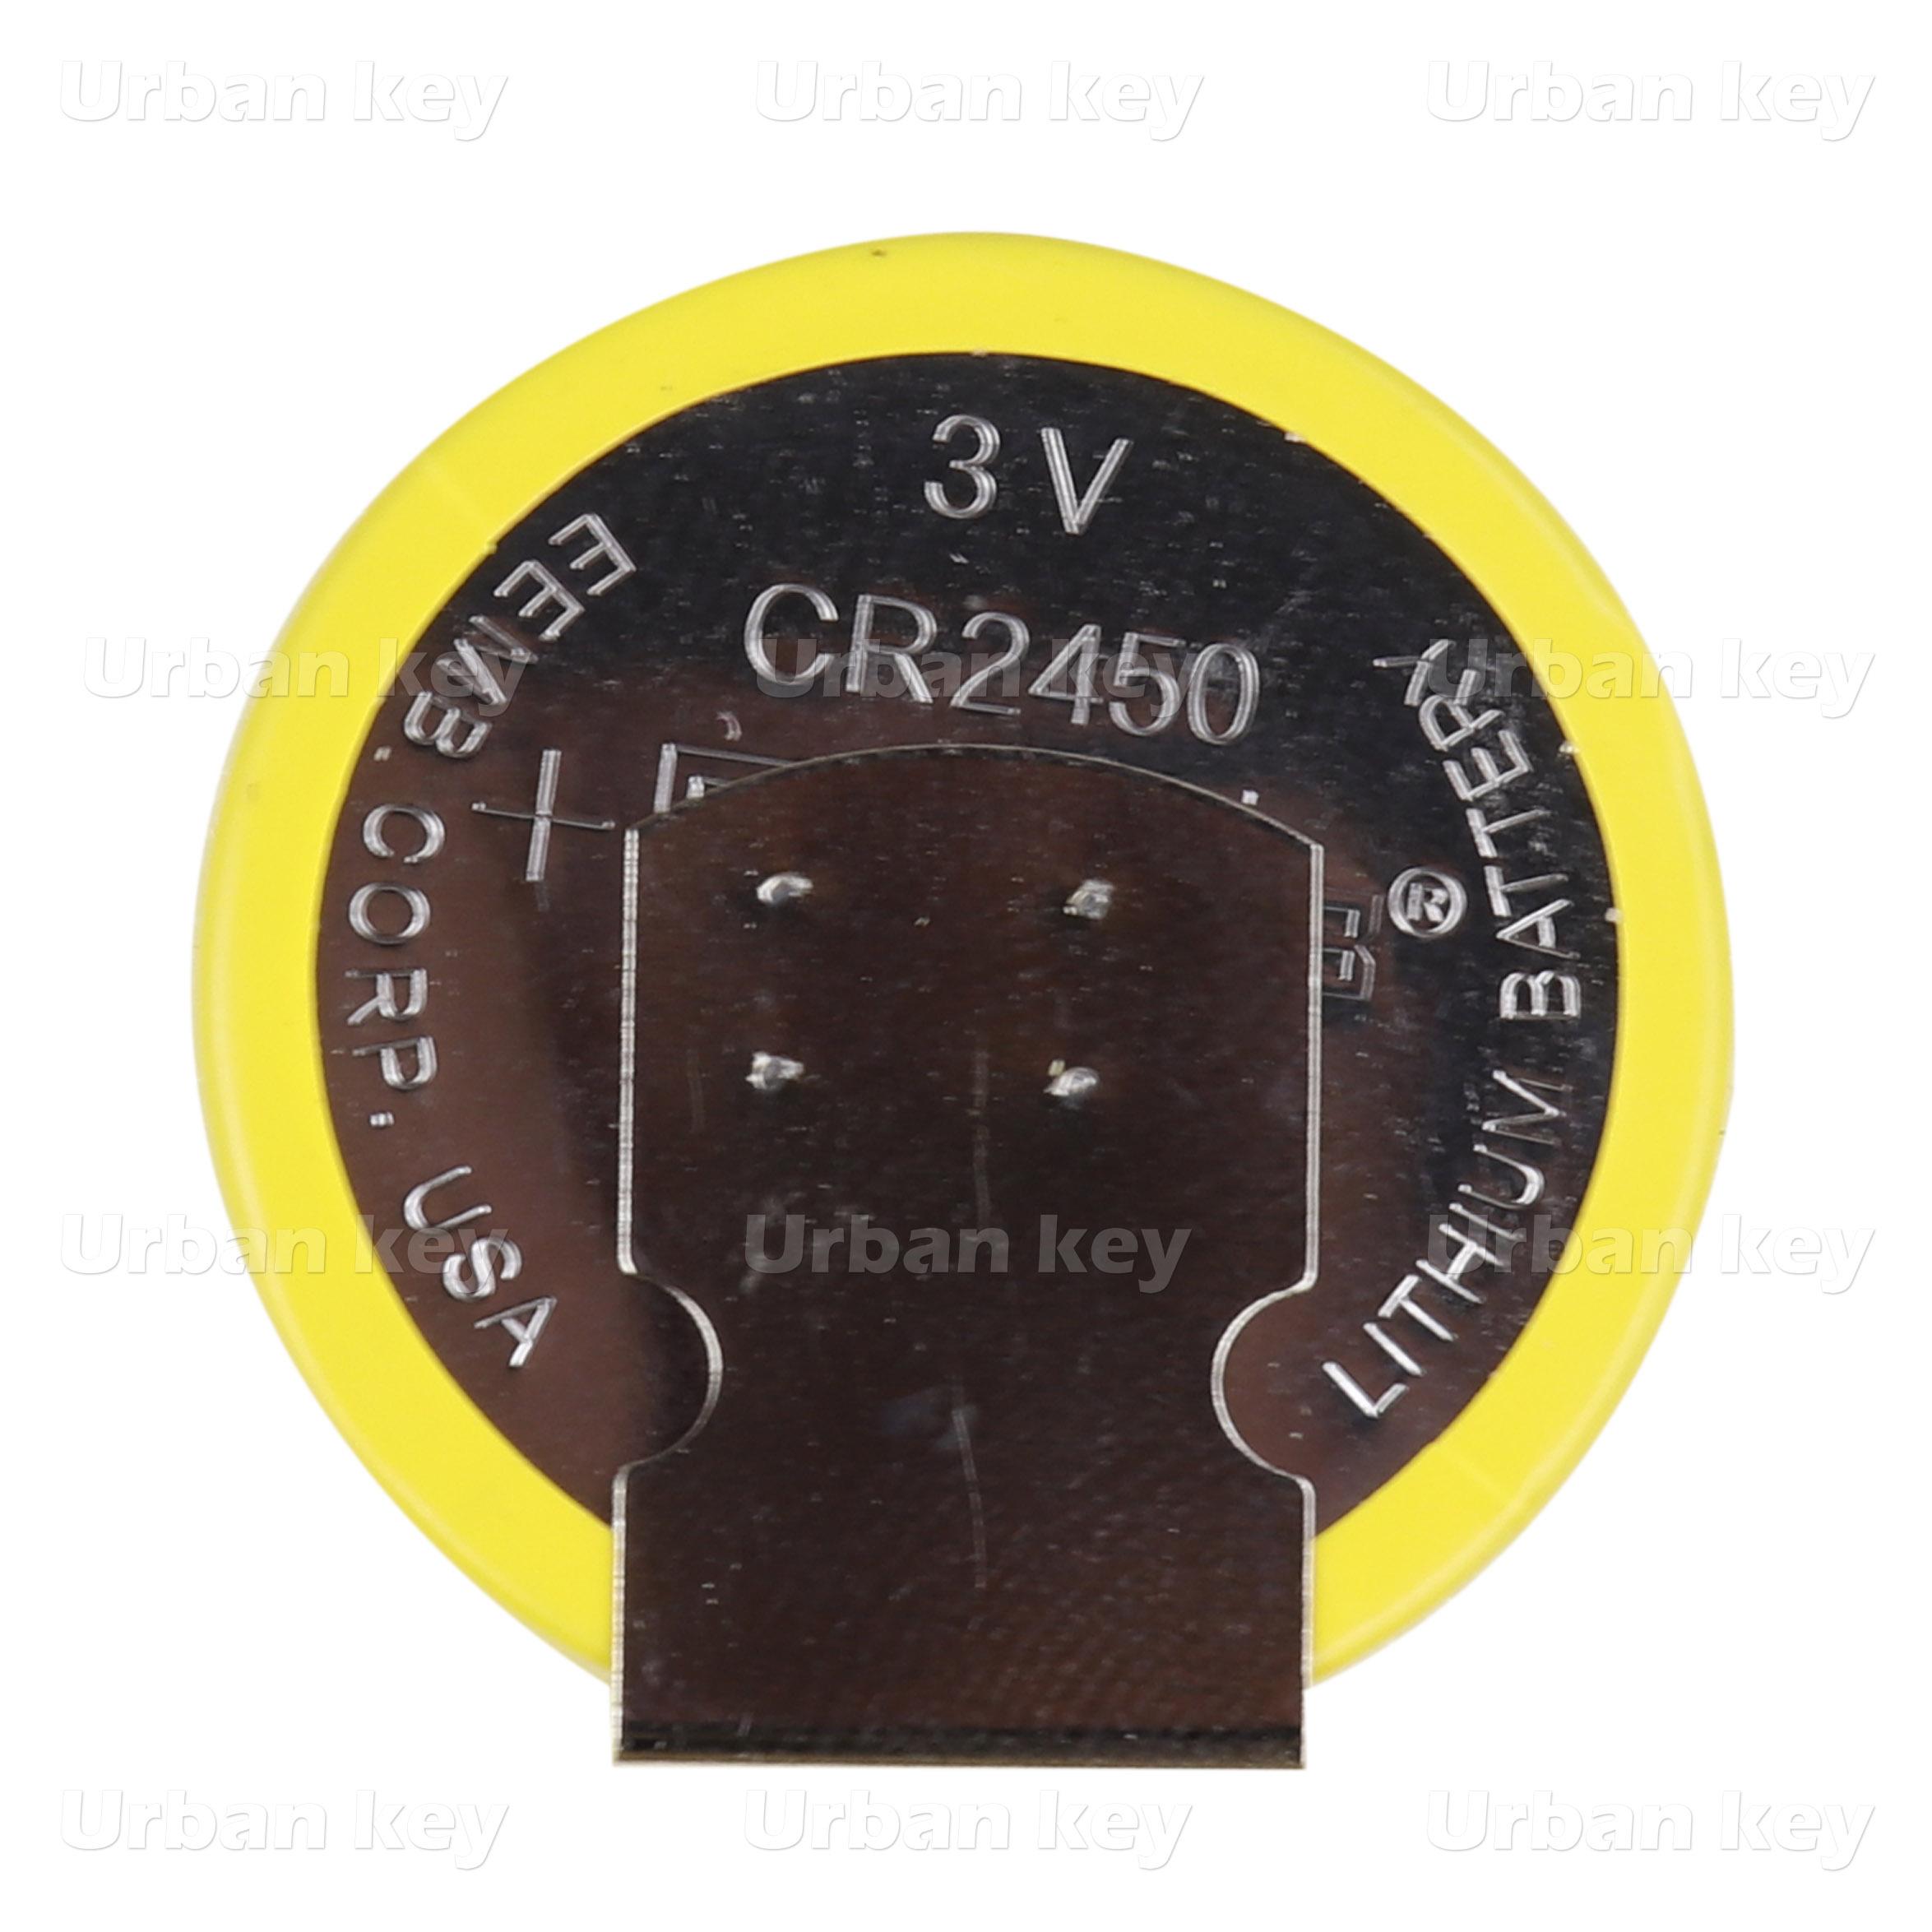 BATERIA LITHIUM BOTAO CR2450 3V 550ma